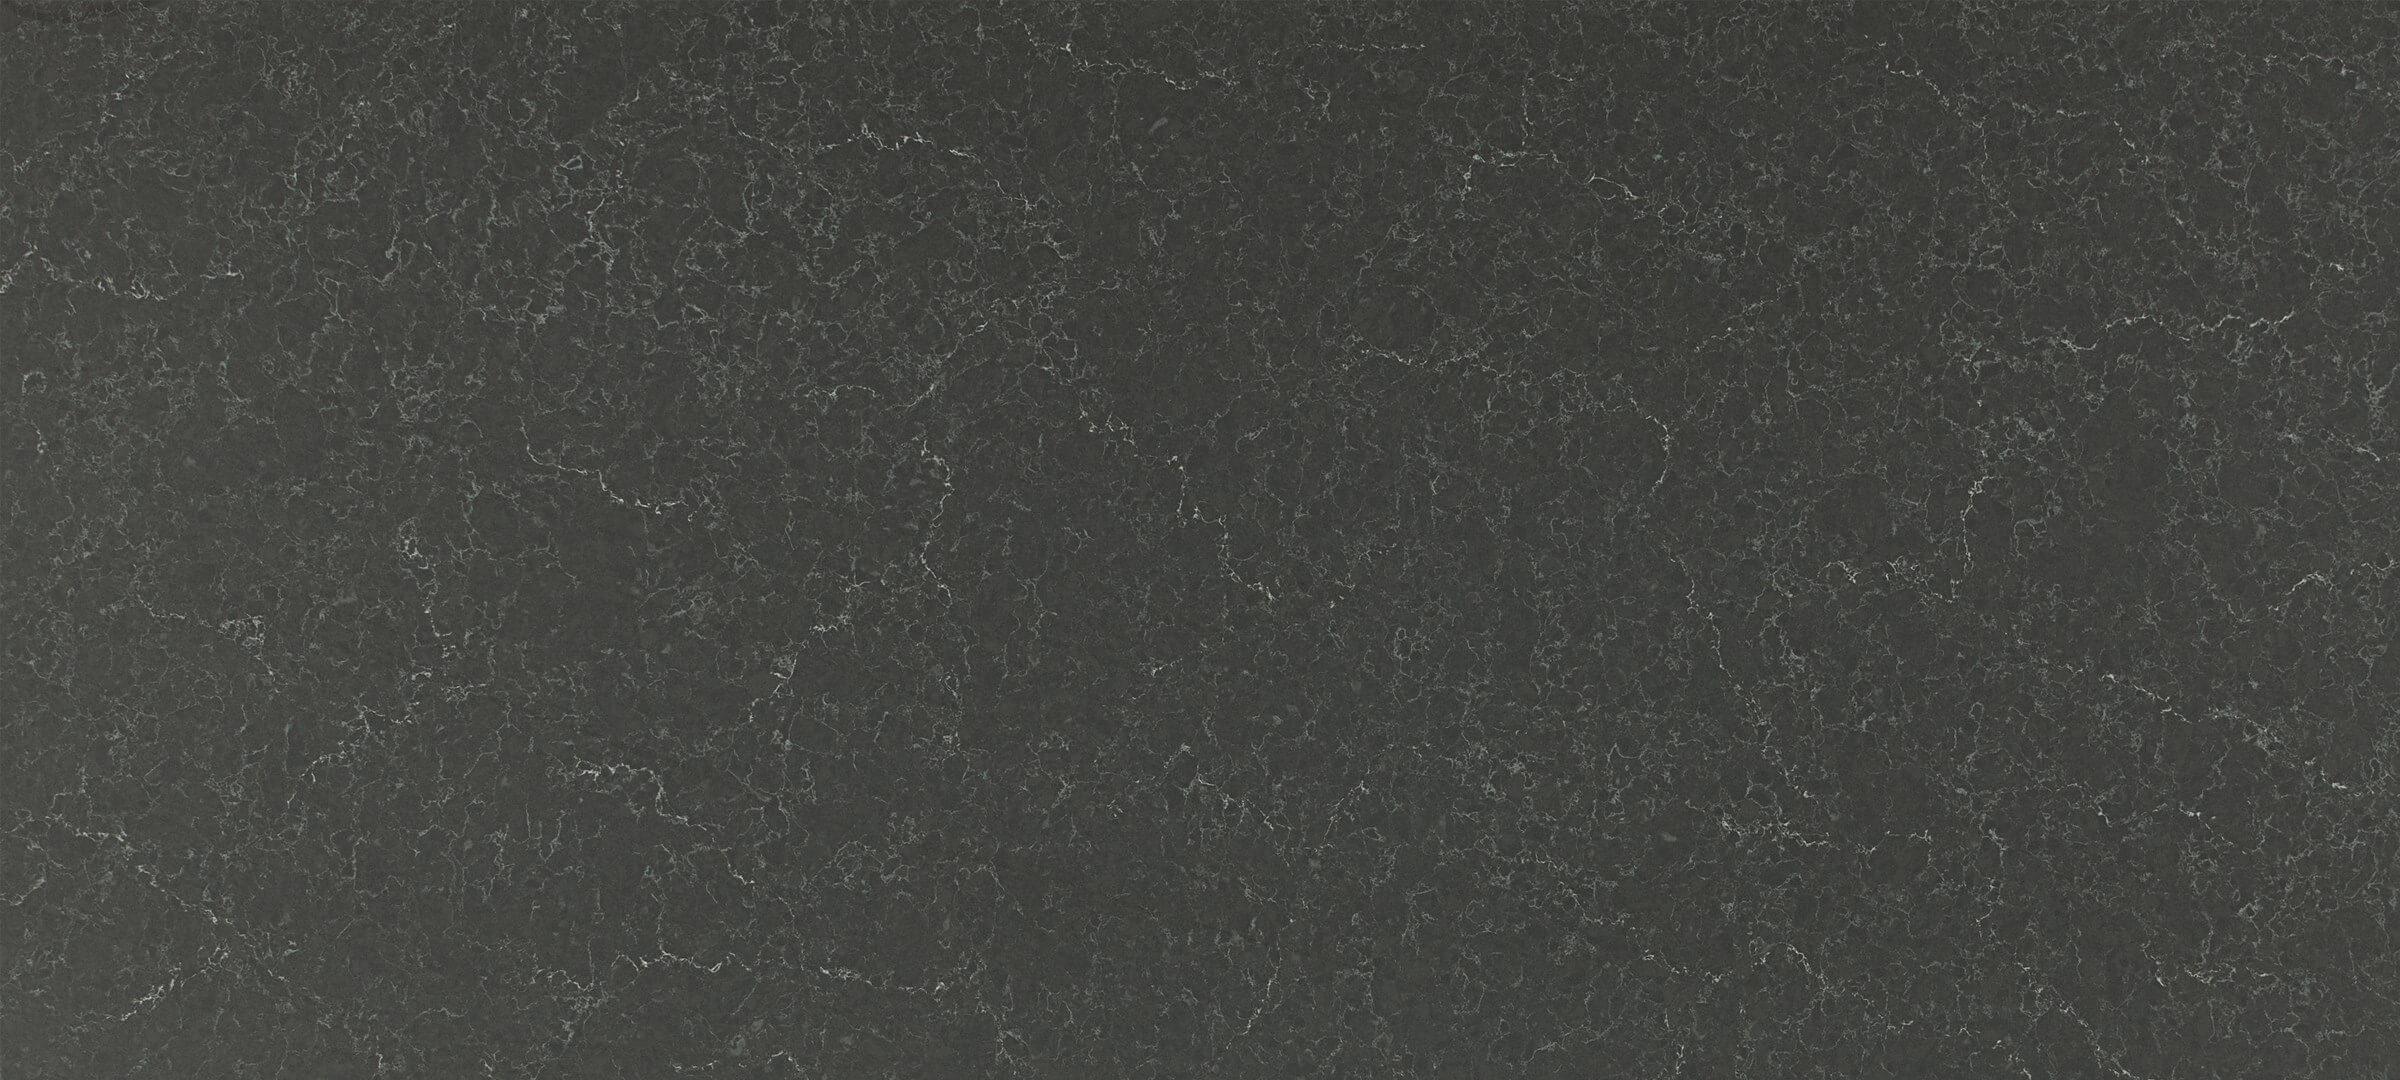 Piatra Gray Quartz